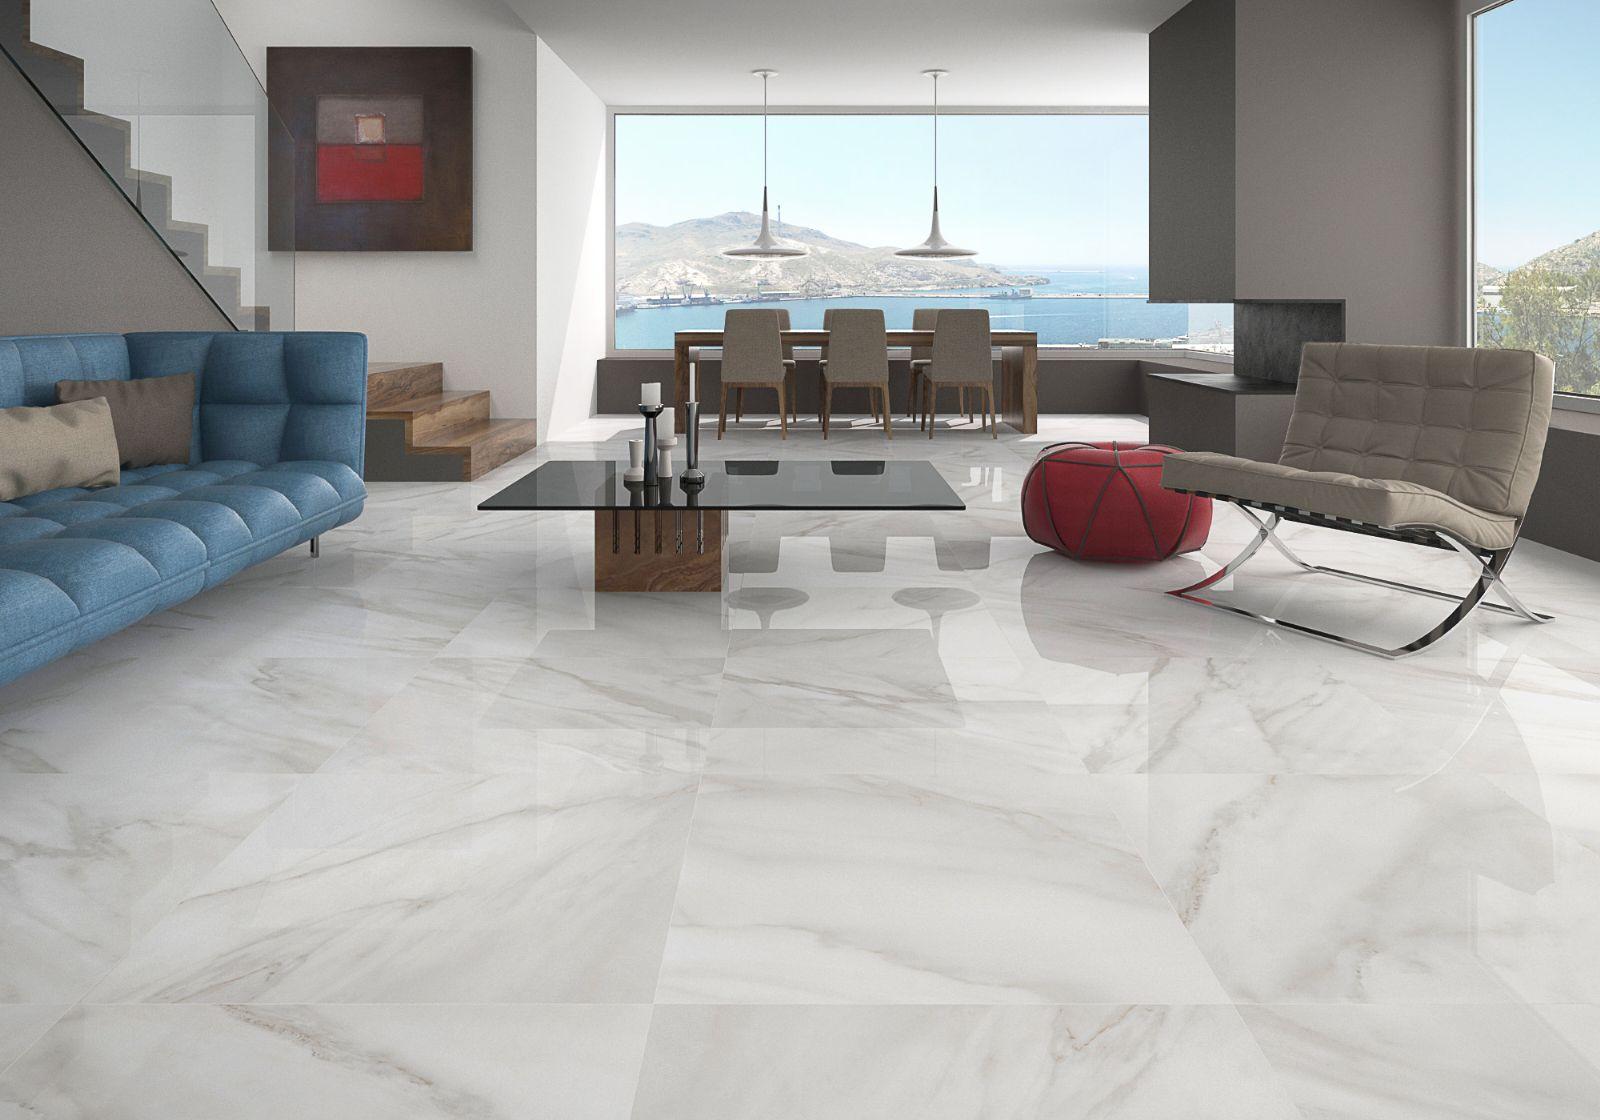 Hướng dẫn chọn đá ốp lát tự nhiên Granite và Marble cho lát sàn phòng khách, phòng tắm, gian bếp - Nội dung